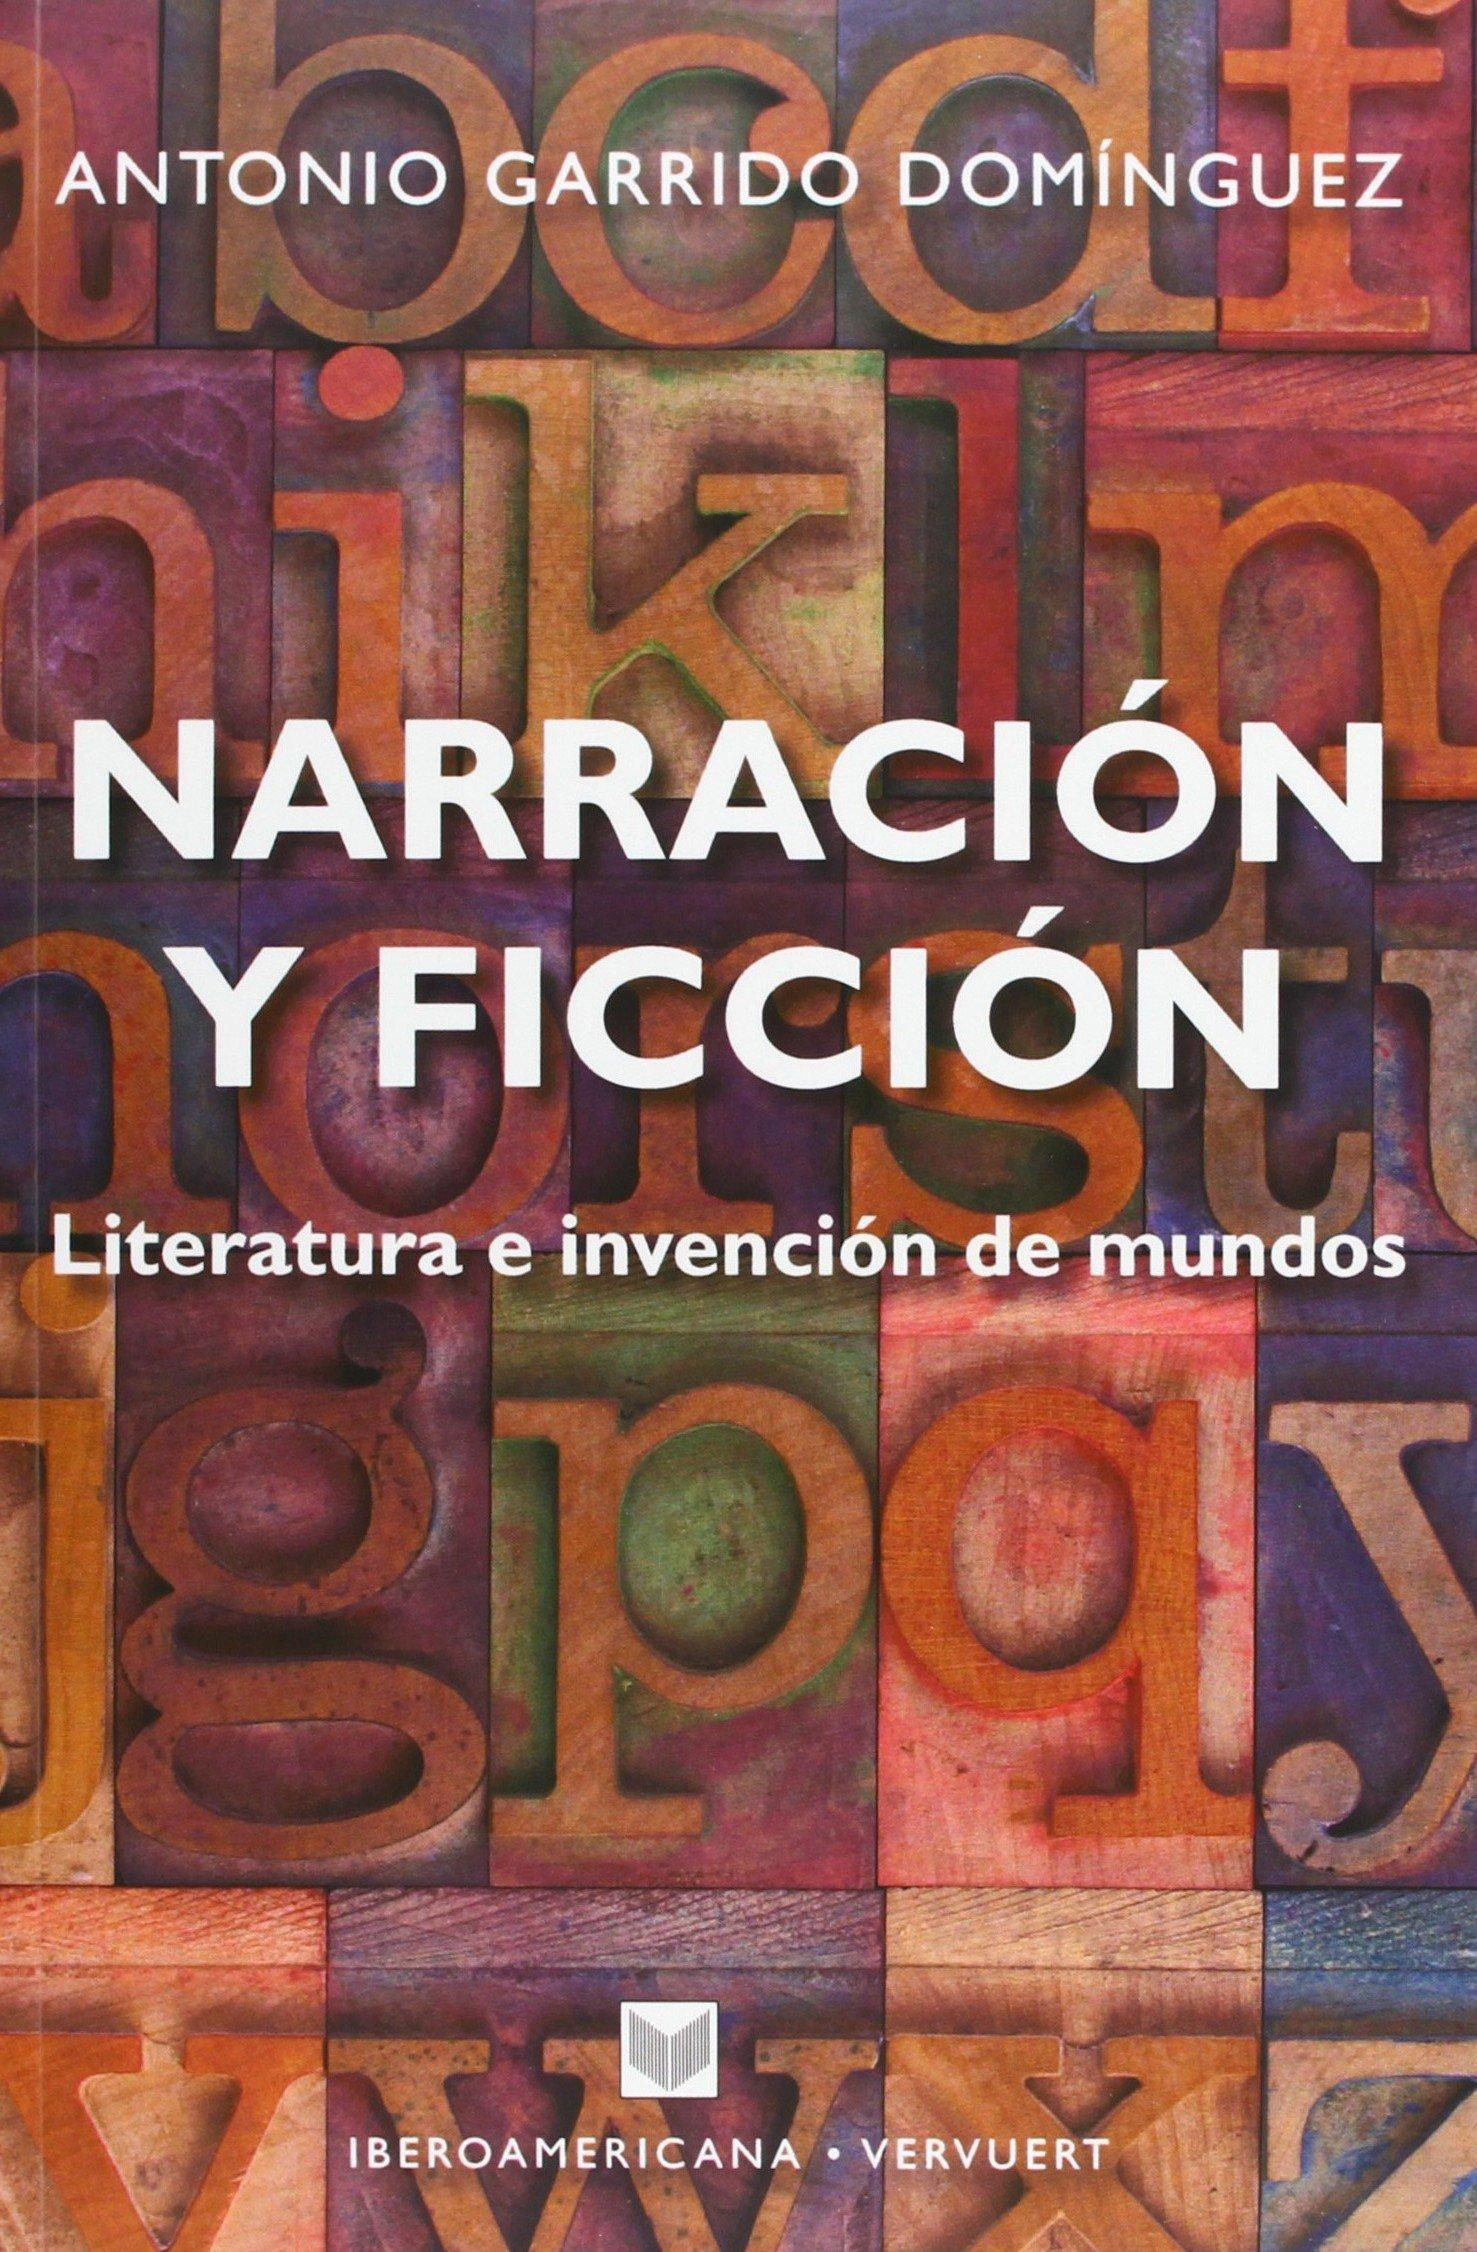 Narración y ficción: literatura e invención de mundos: Amazon.es: Garrido Domínguez, Antonio: Libros